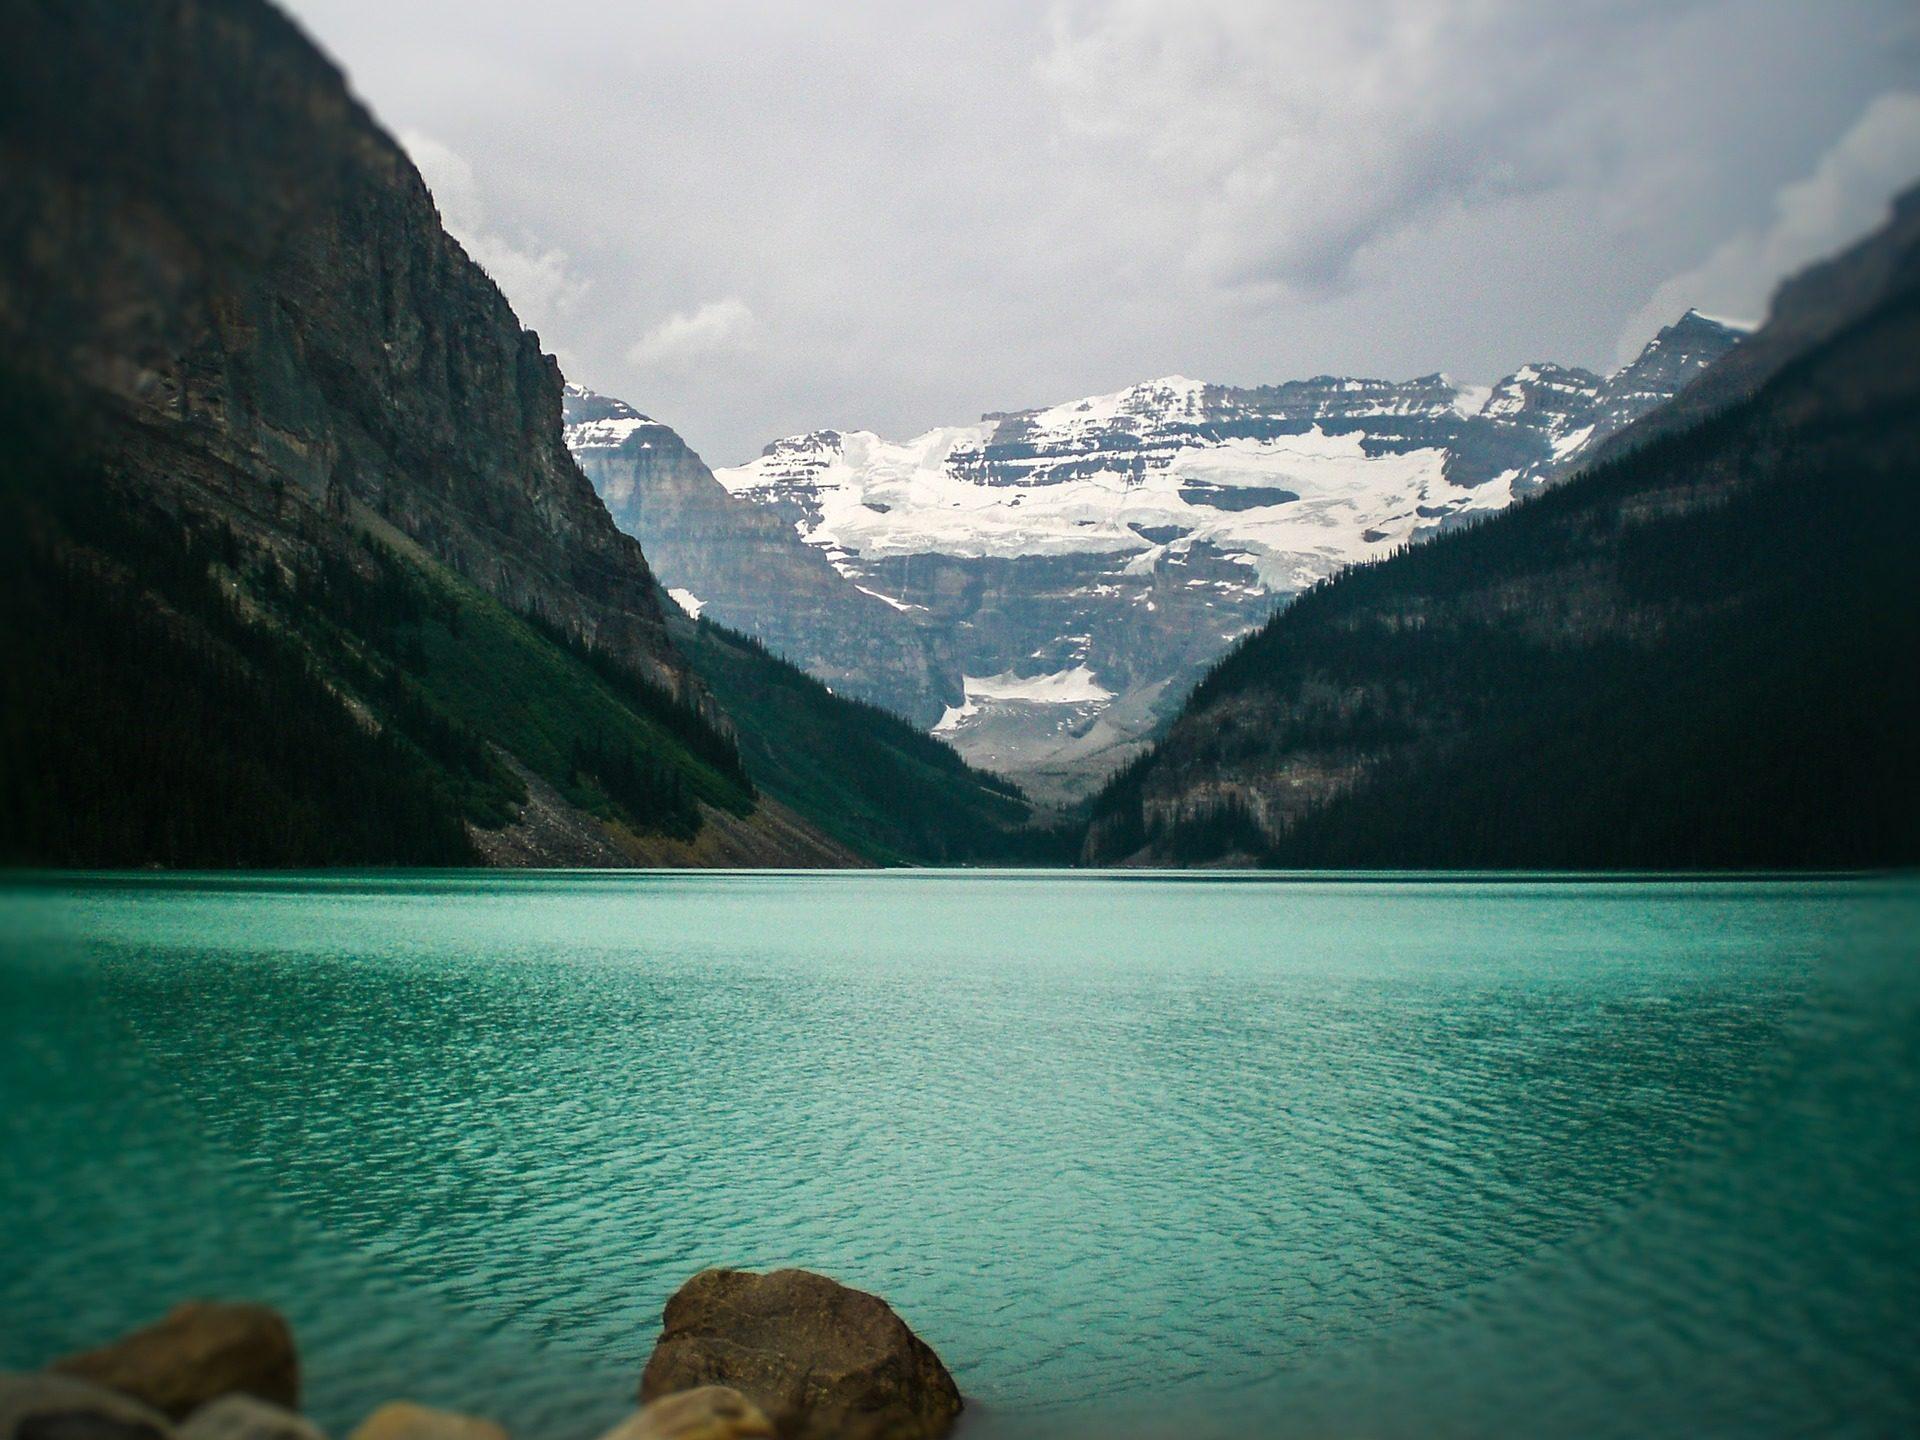 湖, Montañas, 雪, 绿松石, 露易丝, 加拿大 - 高清壁纸 - 教授-falken.com